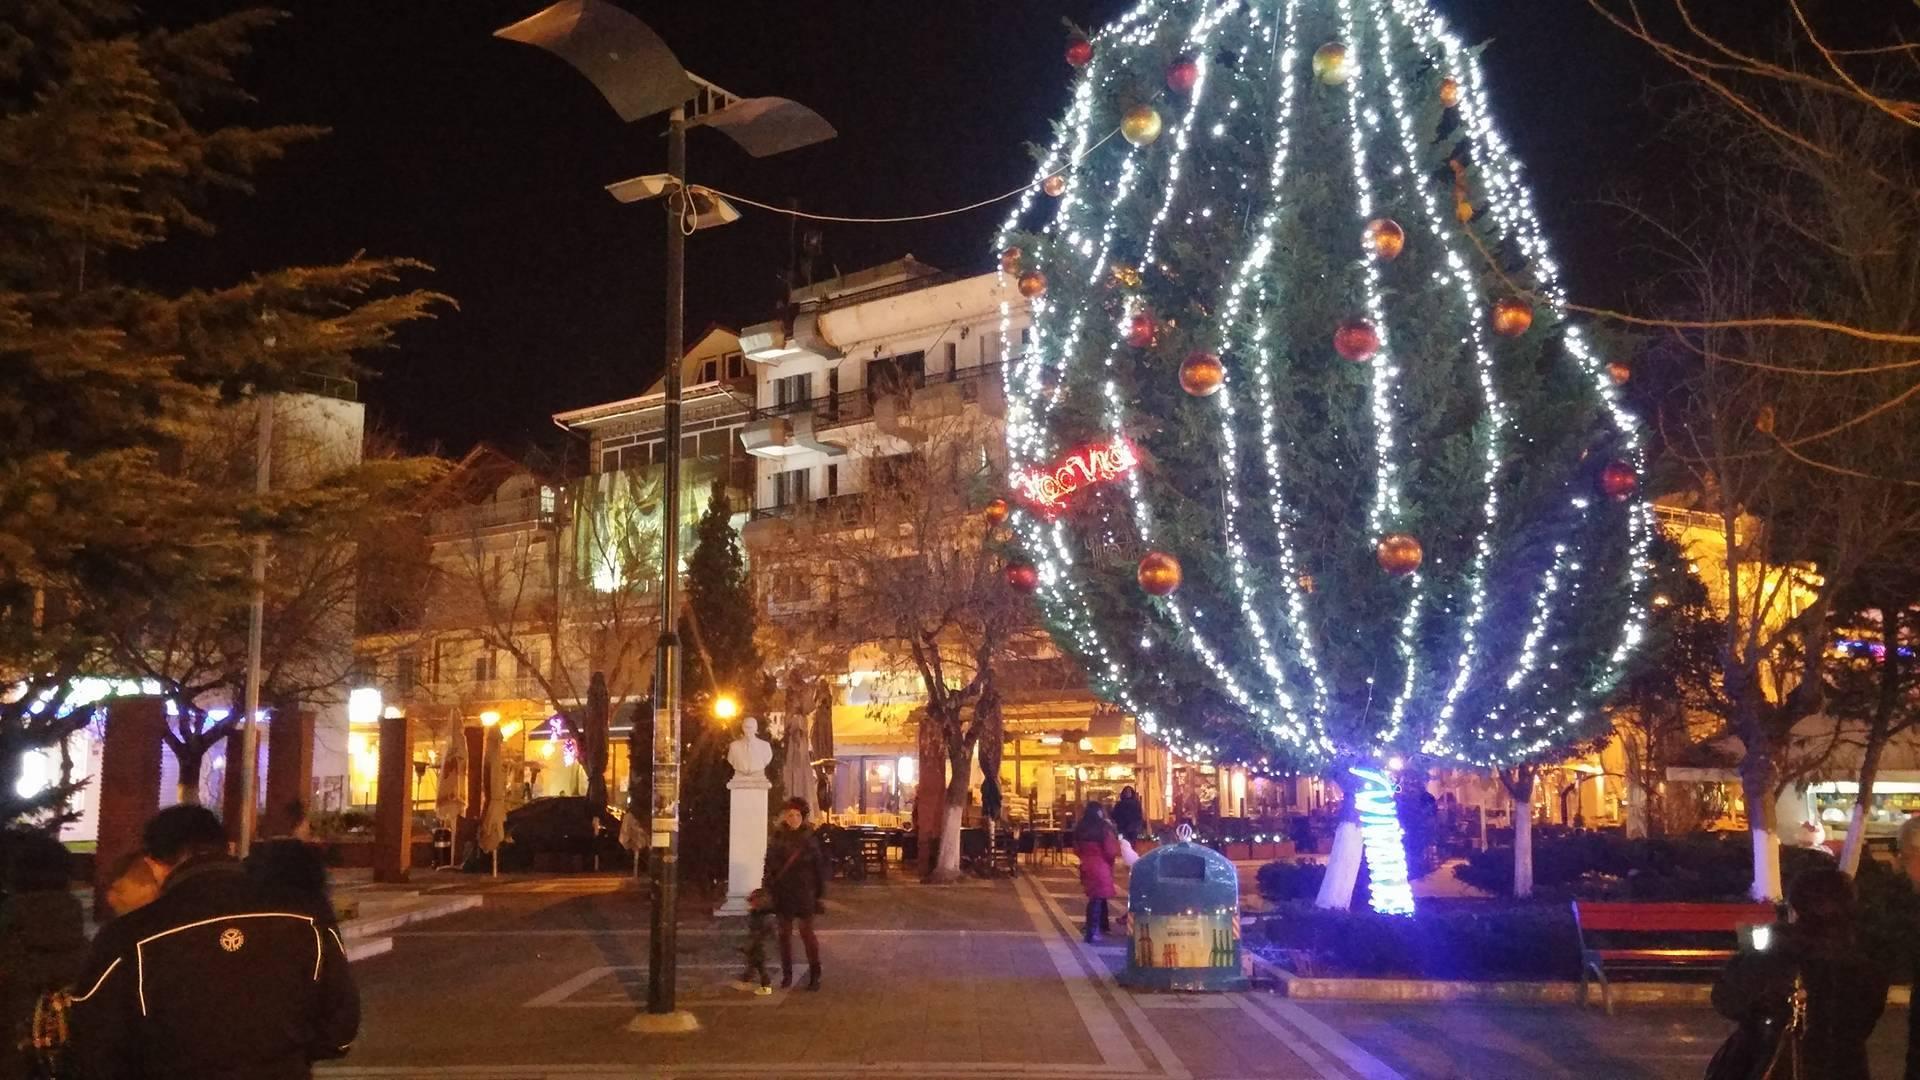 kozan.gr: Φωταγωγήθηκε το χριστουγεννιάτικο δέντρο στην κεντρική πλατεία Πτολεμαΐδας (Φωτογραφίες- Βίντεο)